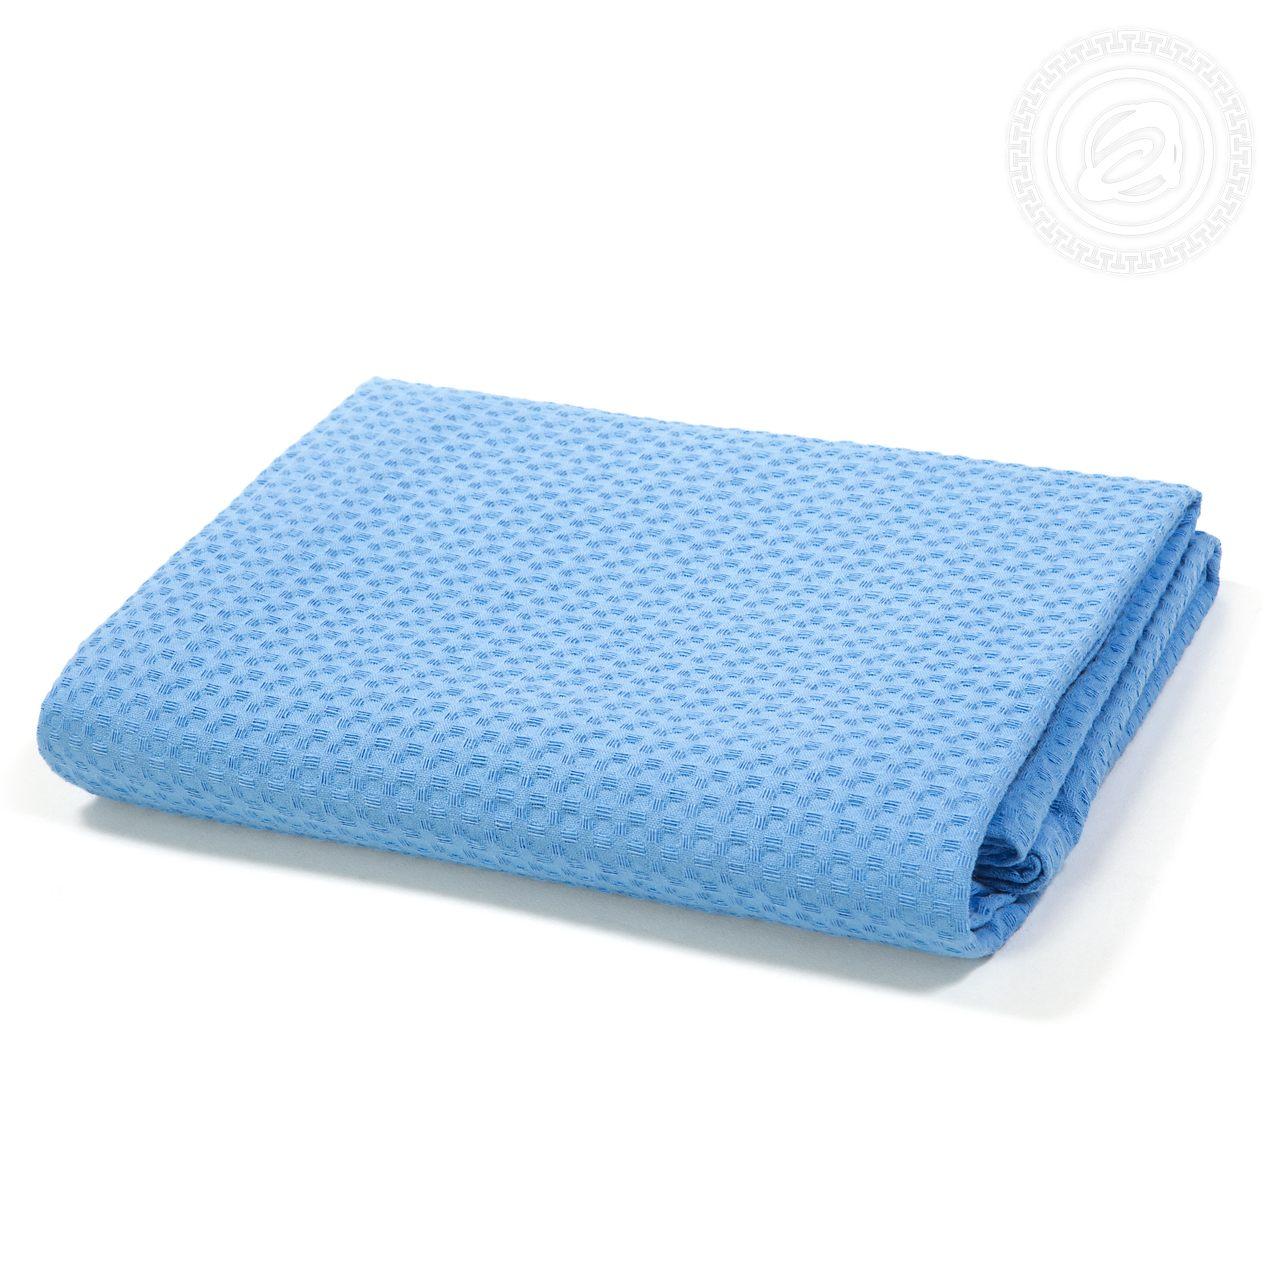 Полотенце банное iv59261 (70х140) банное полотенце hobby home collection 70х140 см sultan